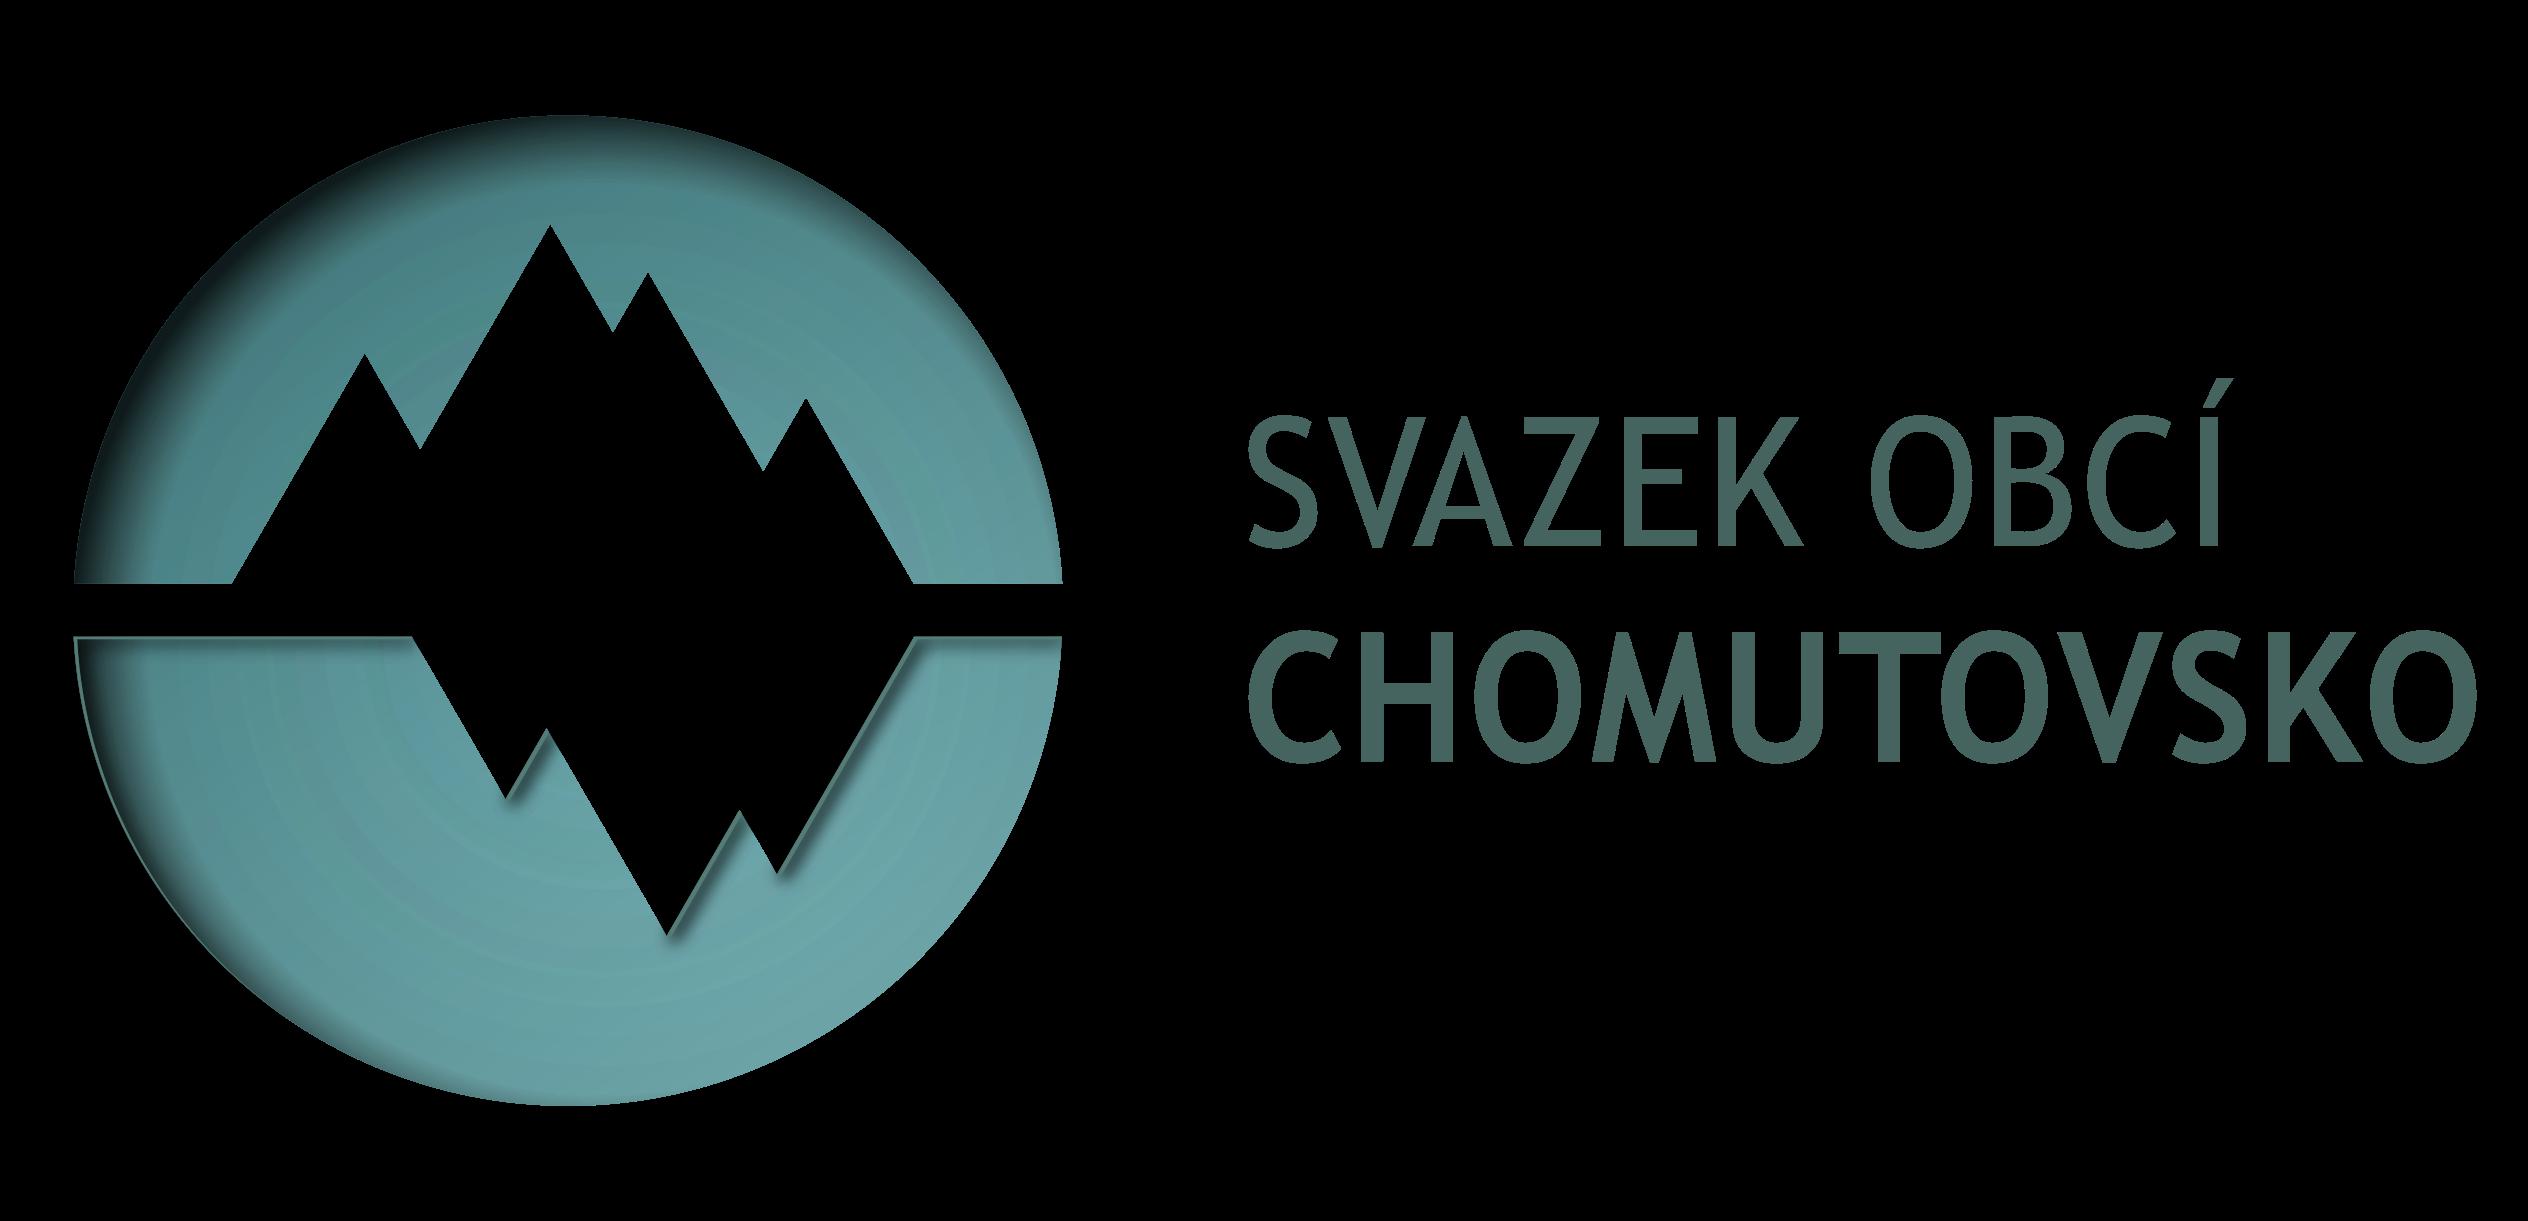 Dobrovolný svazek obcí Chomutovsko